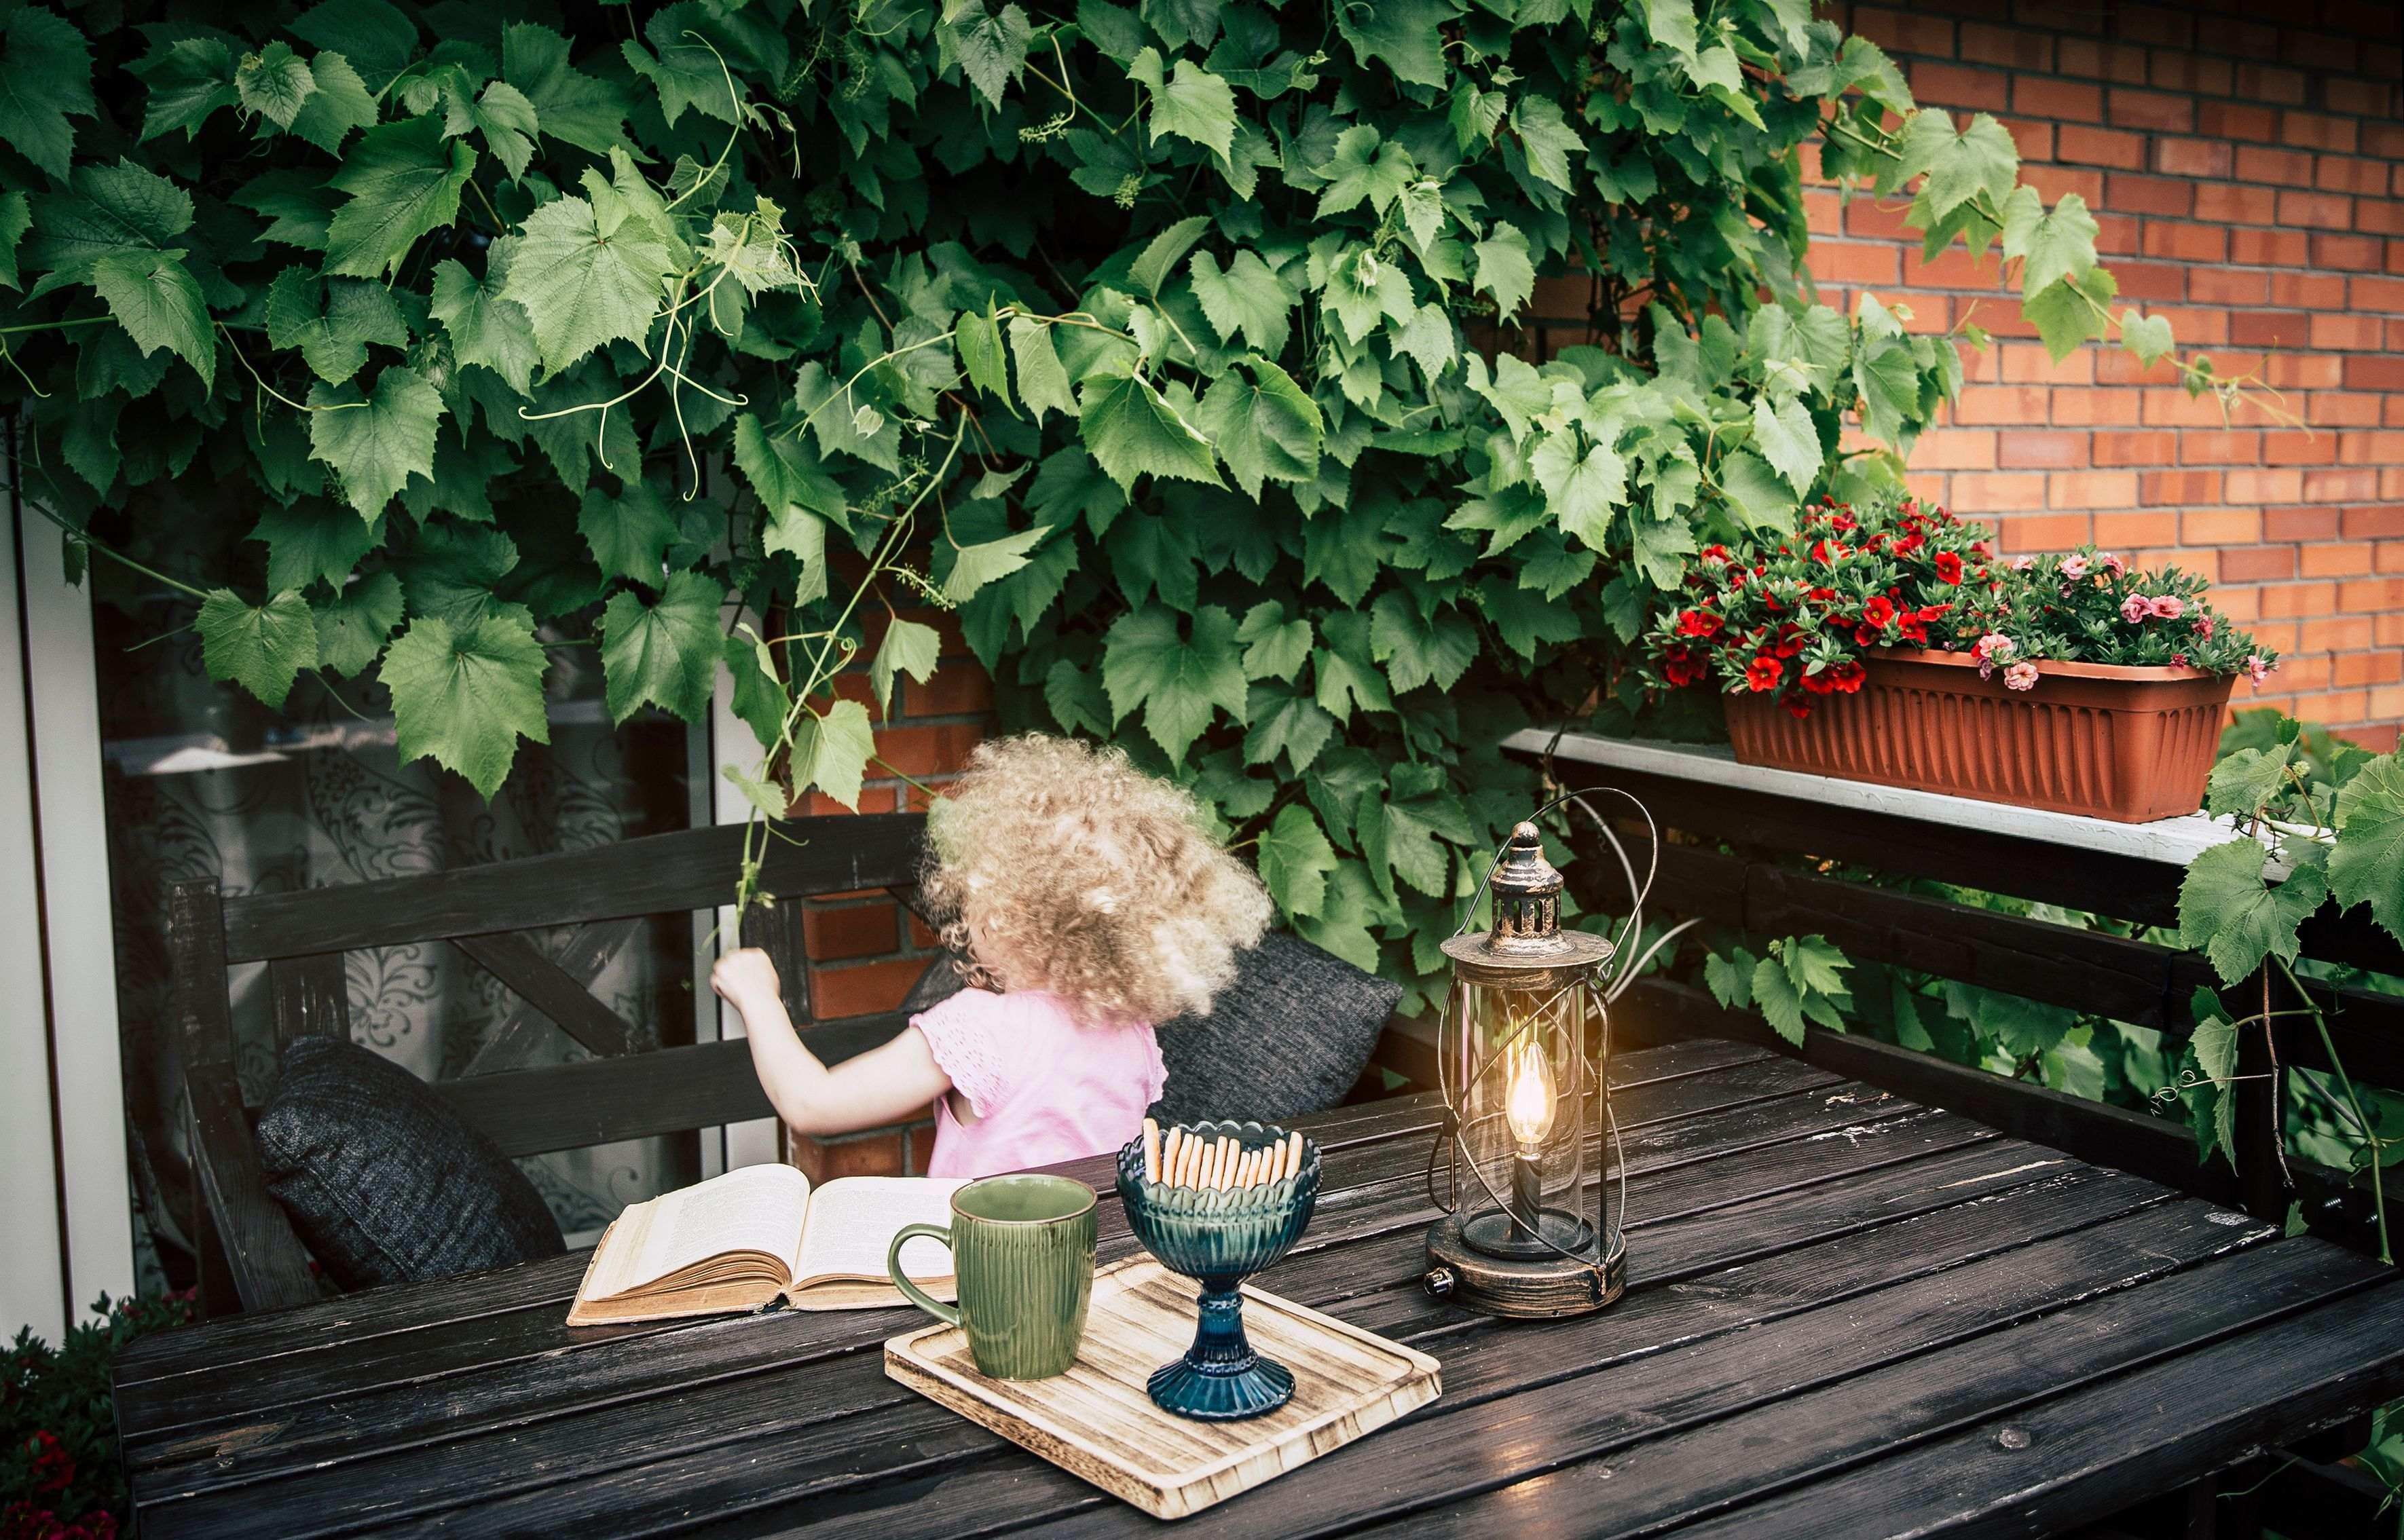 Quali piante rampicanti scegliere per un balcone o un terrazzo